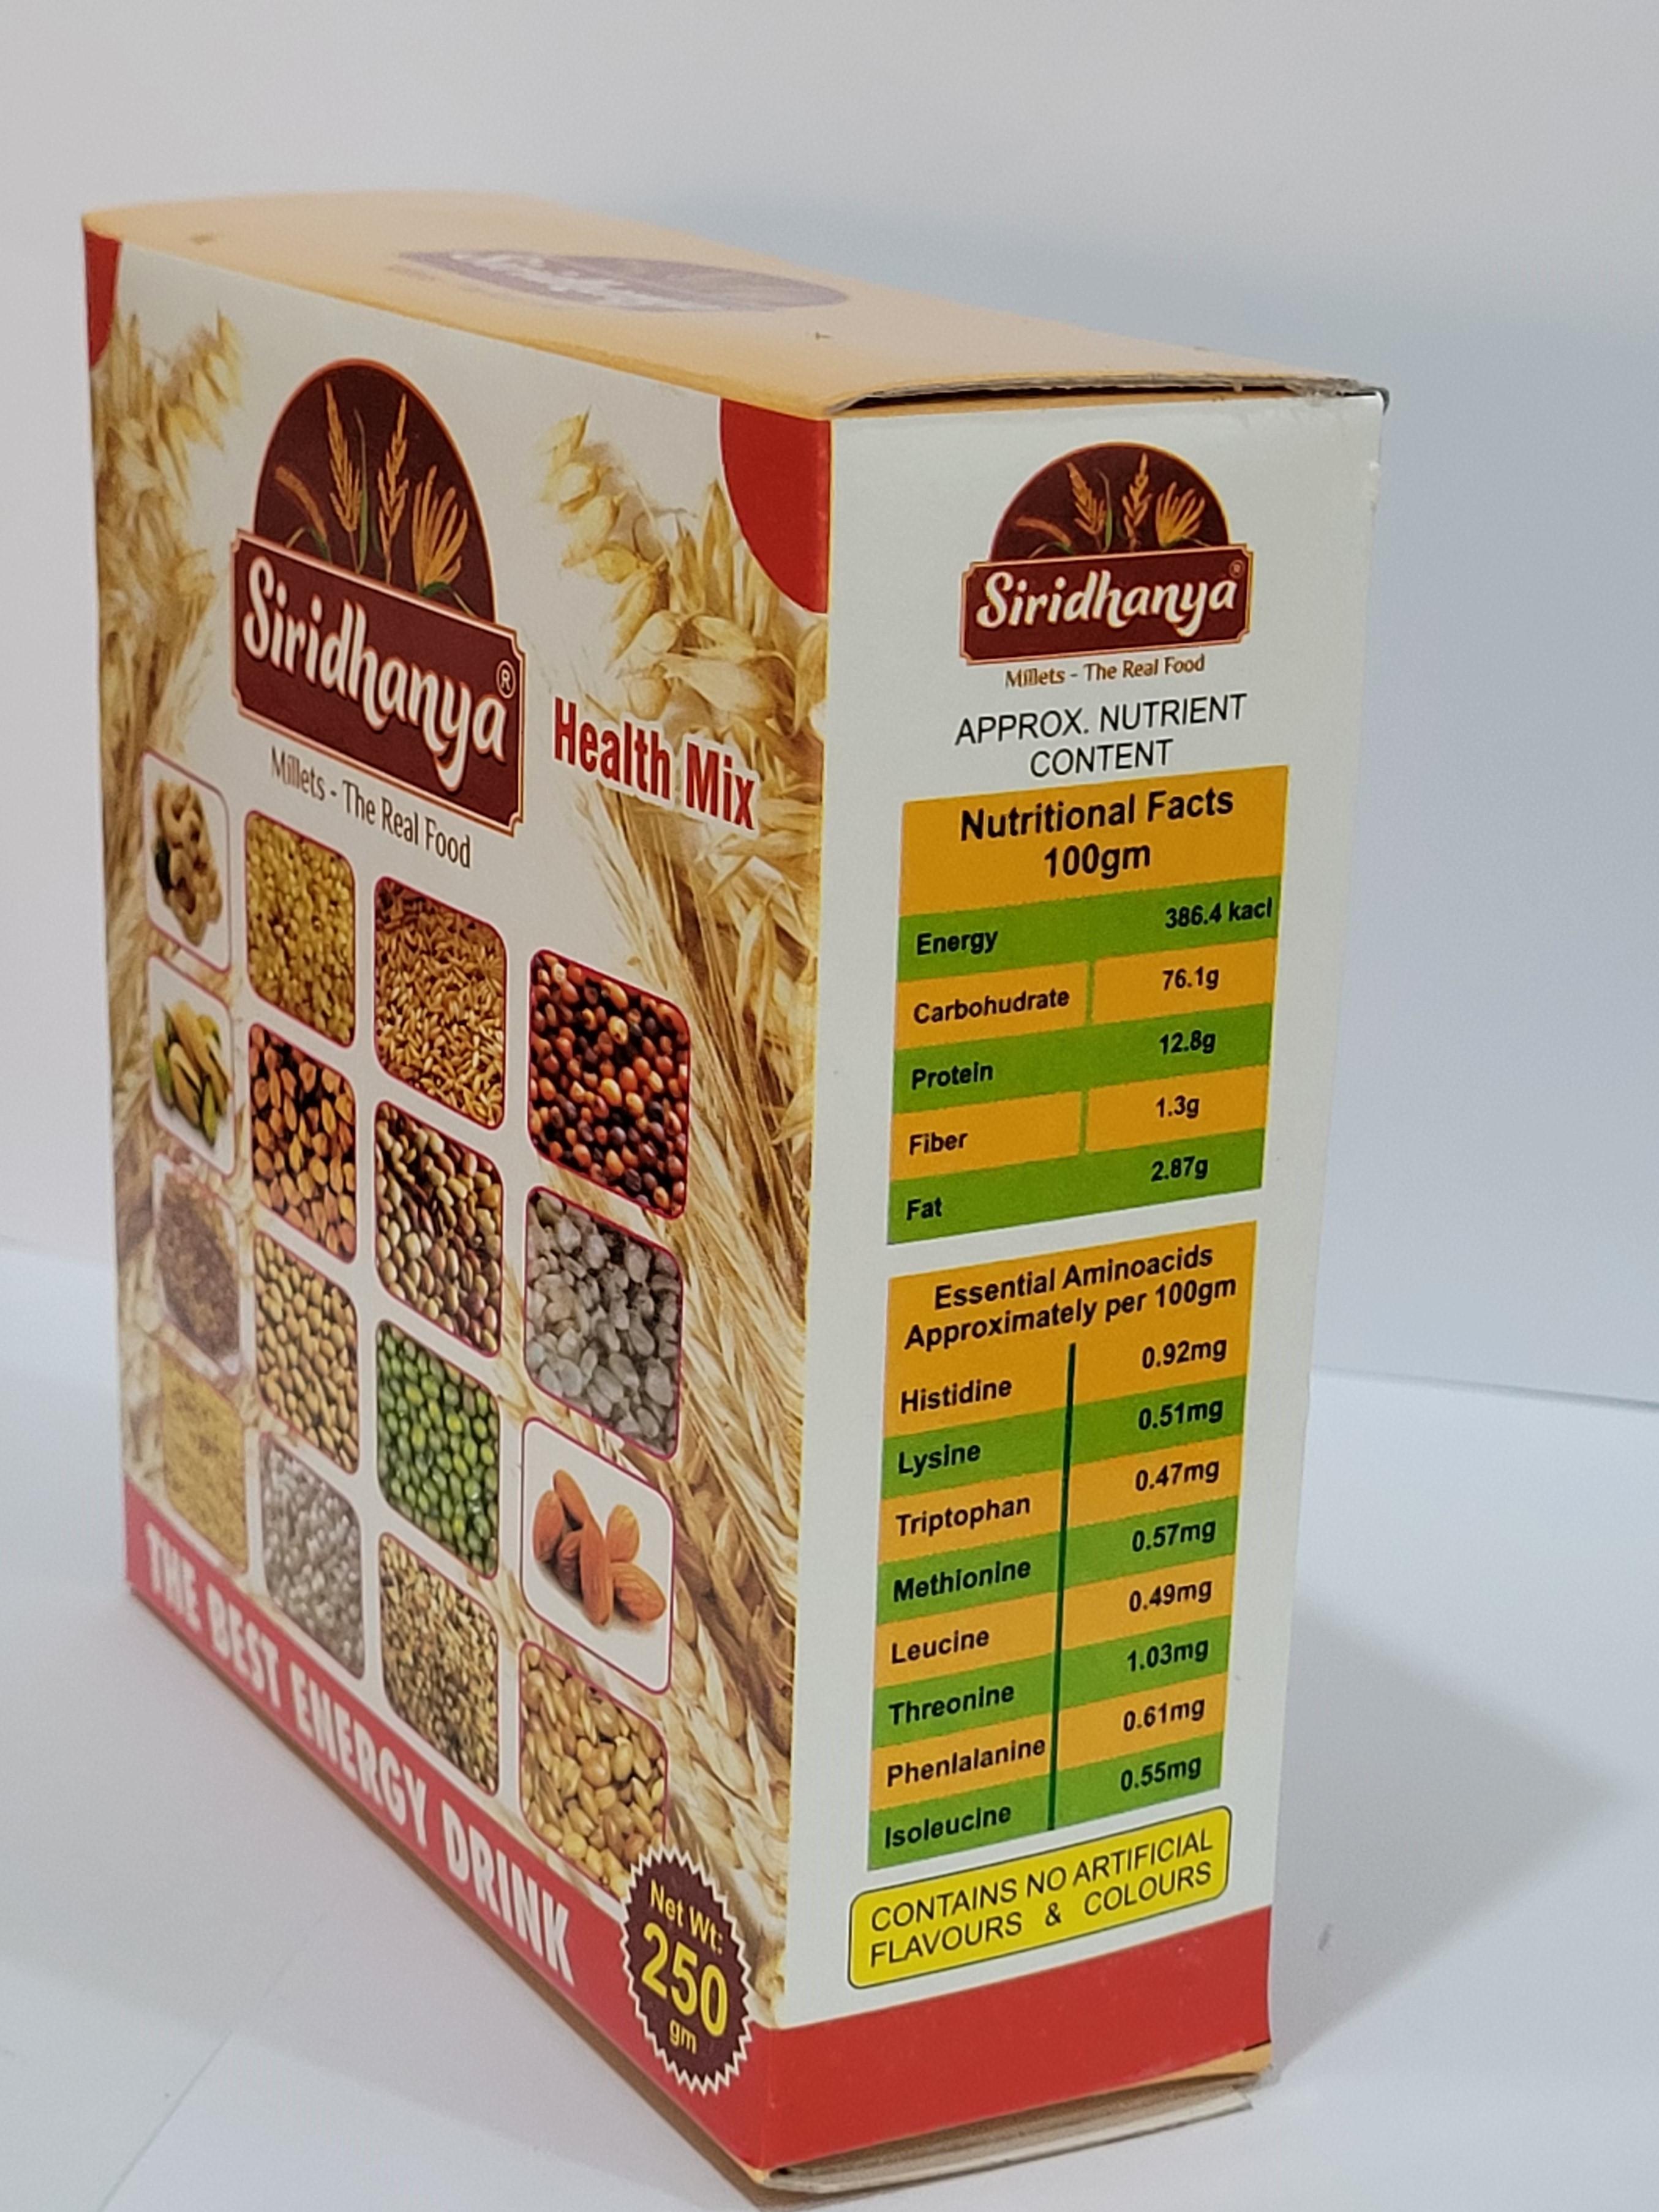 Millet Health Drink